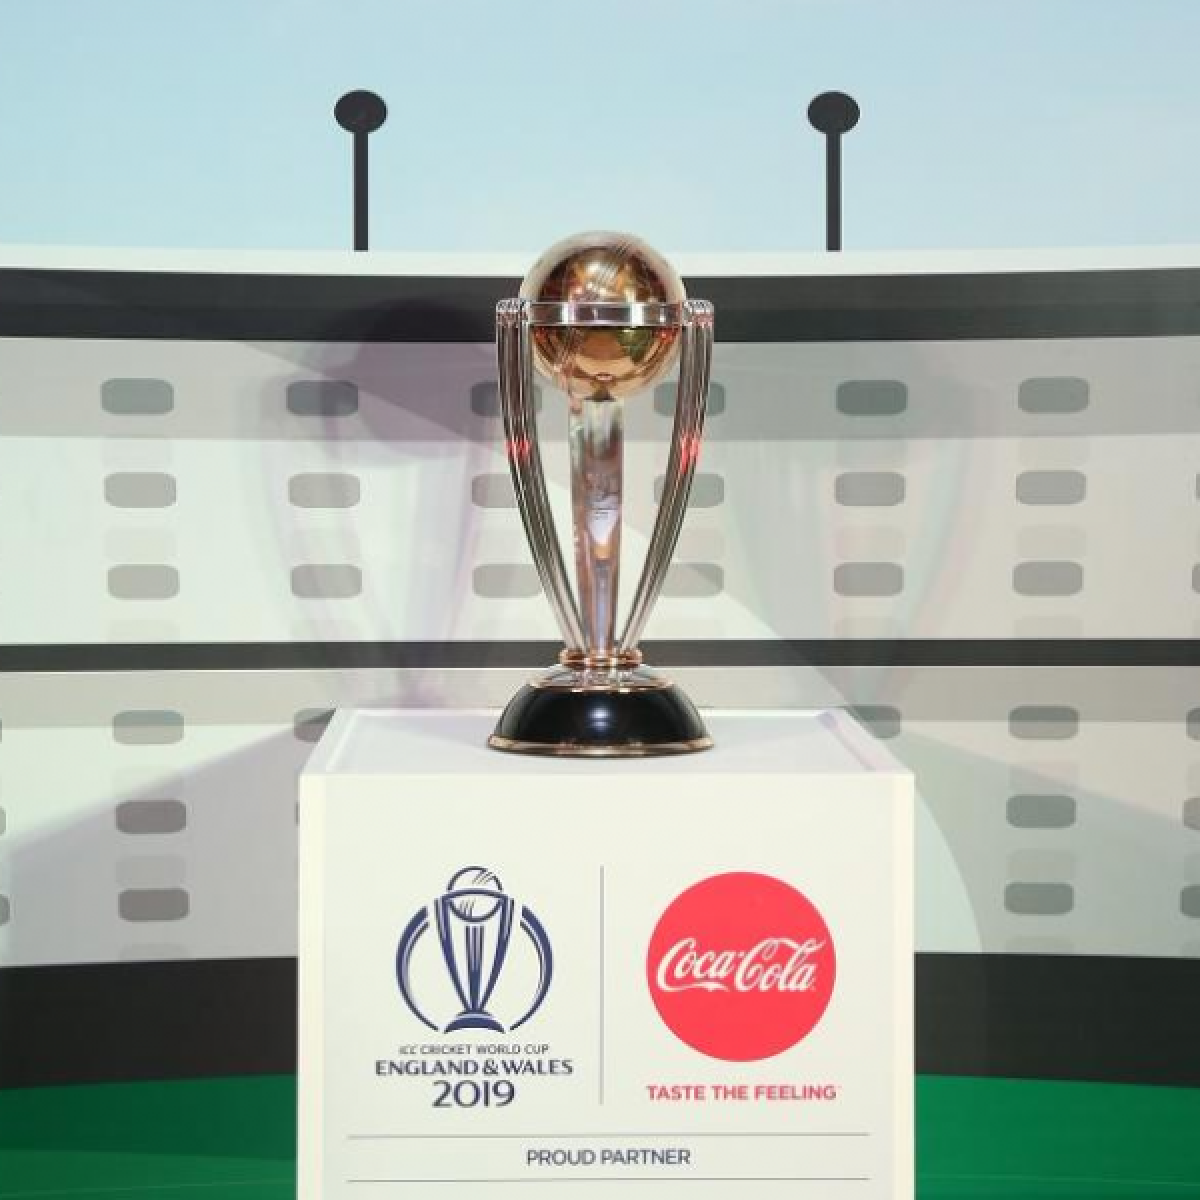 2023 உலகக்கோப்பை கிரிக்கெட் போட்டி இந்தியாவில் நடக்கும்! - டேவிட் ரிச்சர்ட்சன் அறிவிப்பு